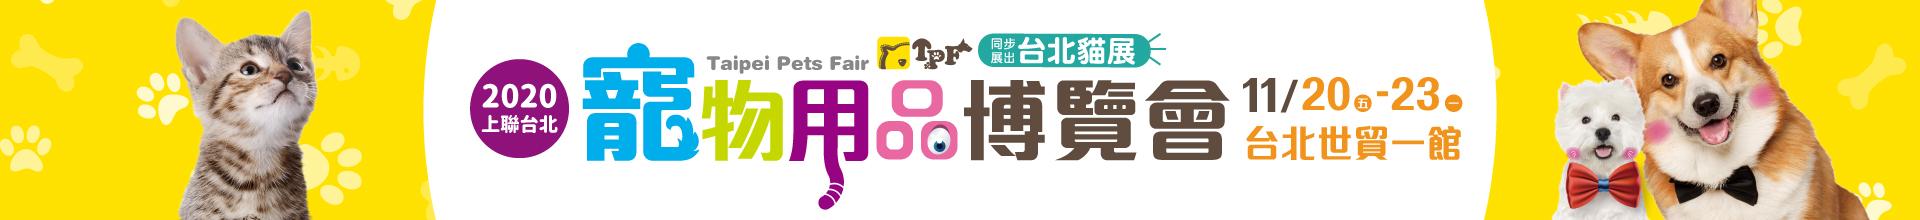 2020上聯台北寵物用品博覽會(冬季展)同步展出台北貓展